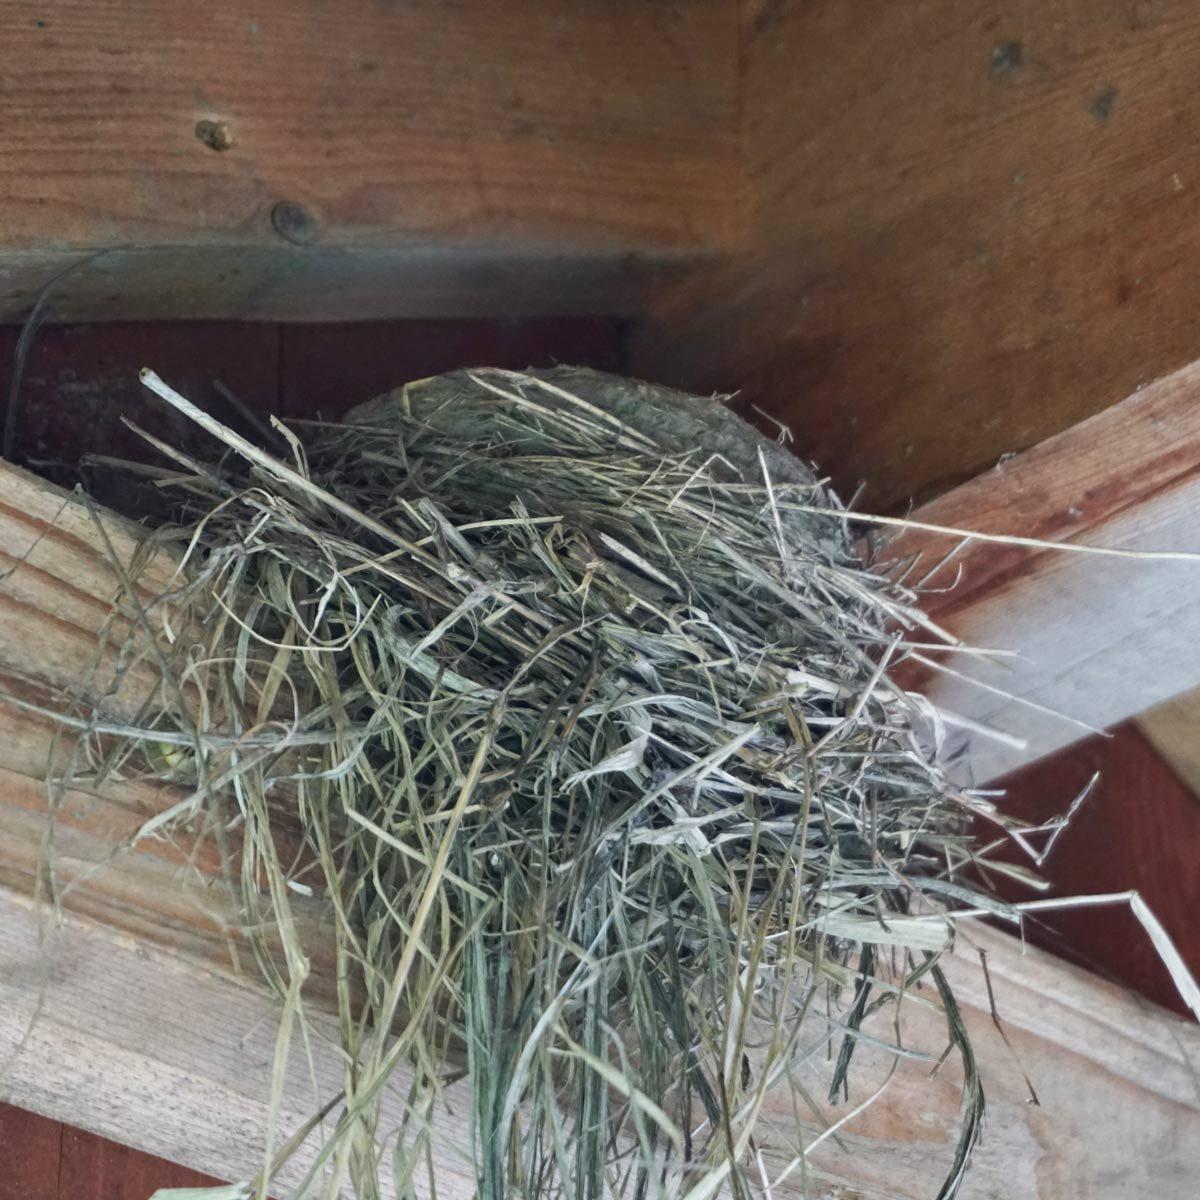 Birds nest in deck rafter